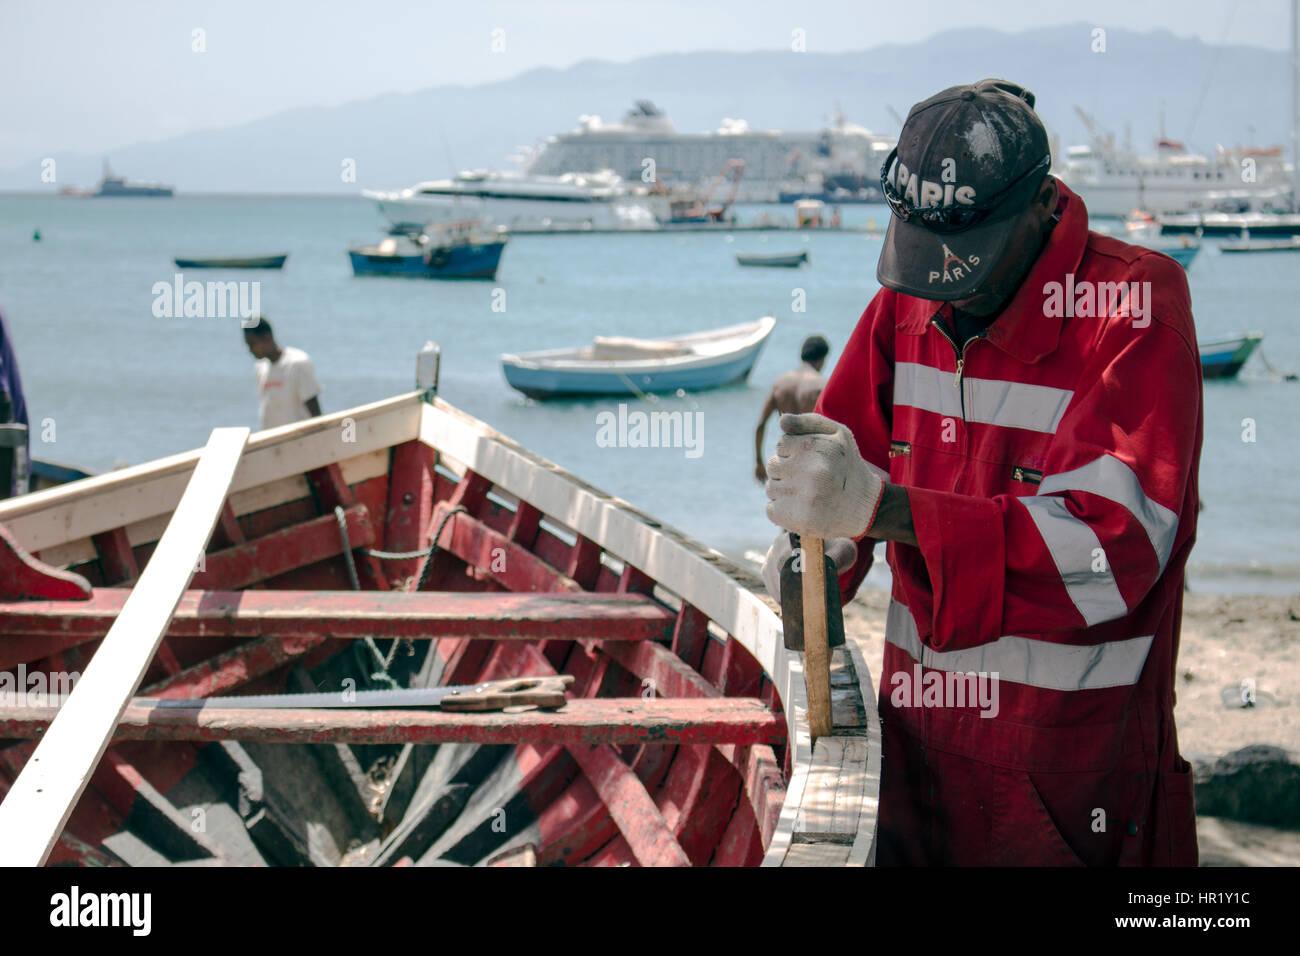 Un operaio falegname è la riparazione di una barca di legno nel complesso da indossare guanti e. Immagini Stock